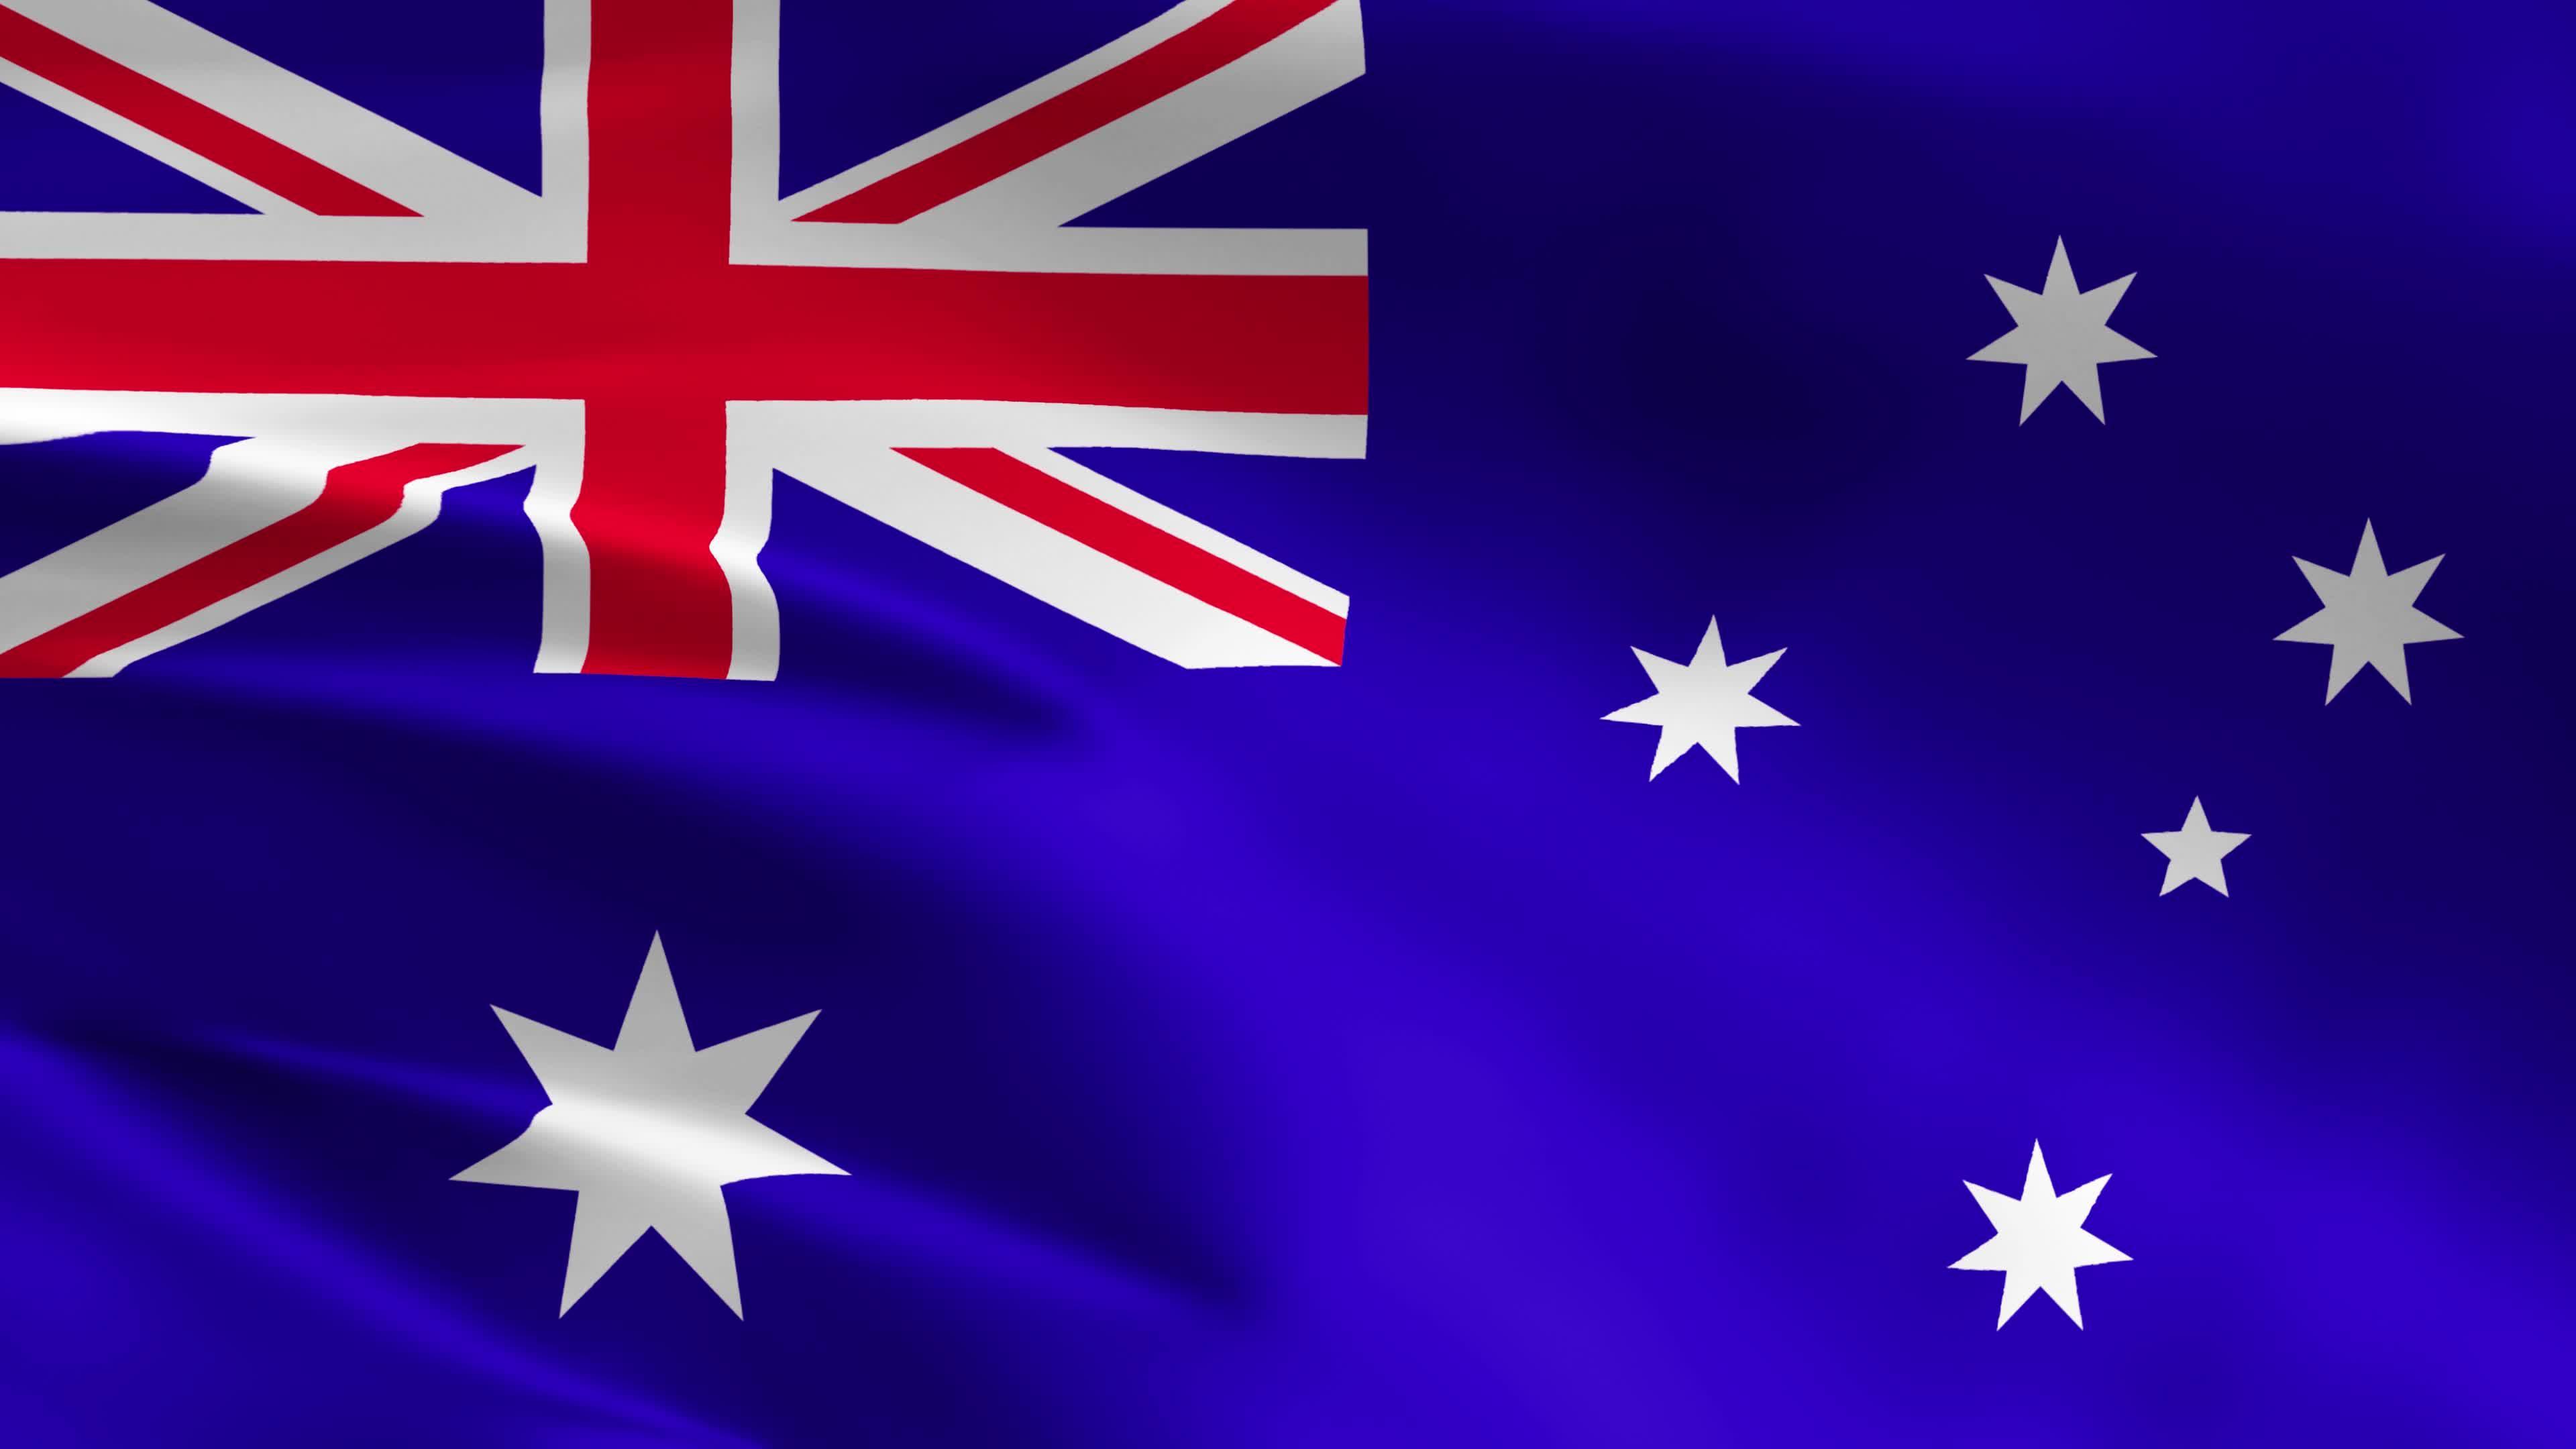 澳洲雷电竞下载春天来了,澳洲雷电竞下载政策放宽